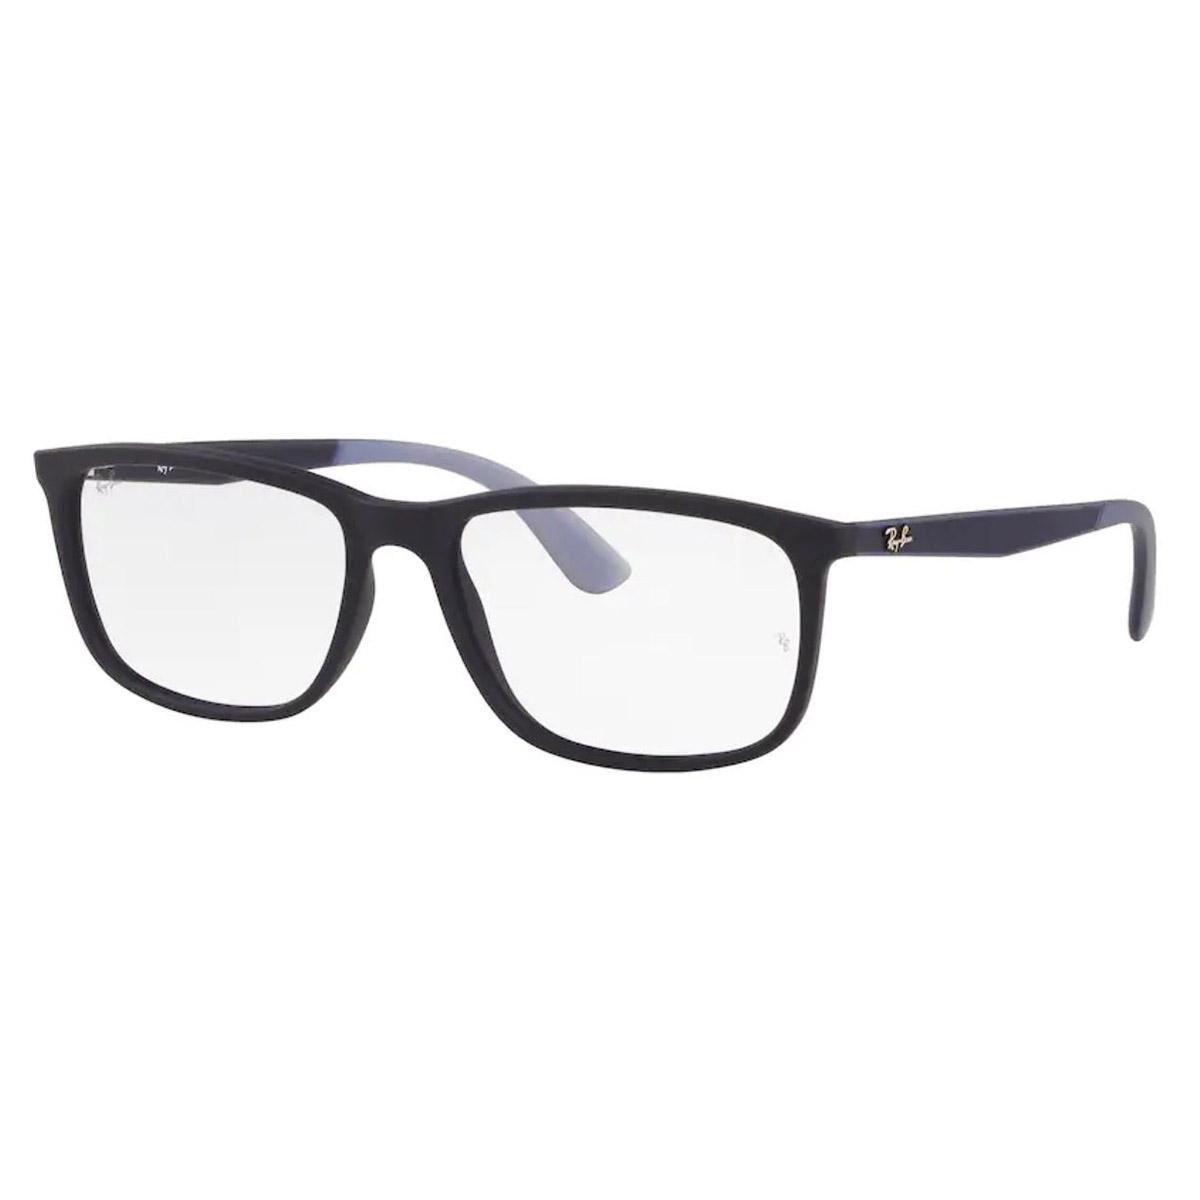 Óculos de Grau Ray Ban RX7171L Azul Emborrachado Grande